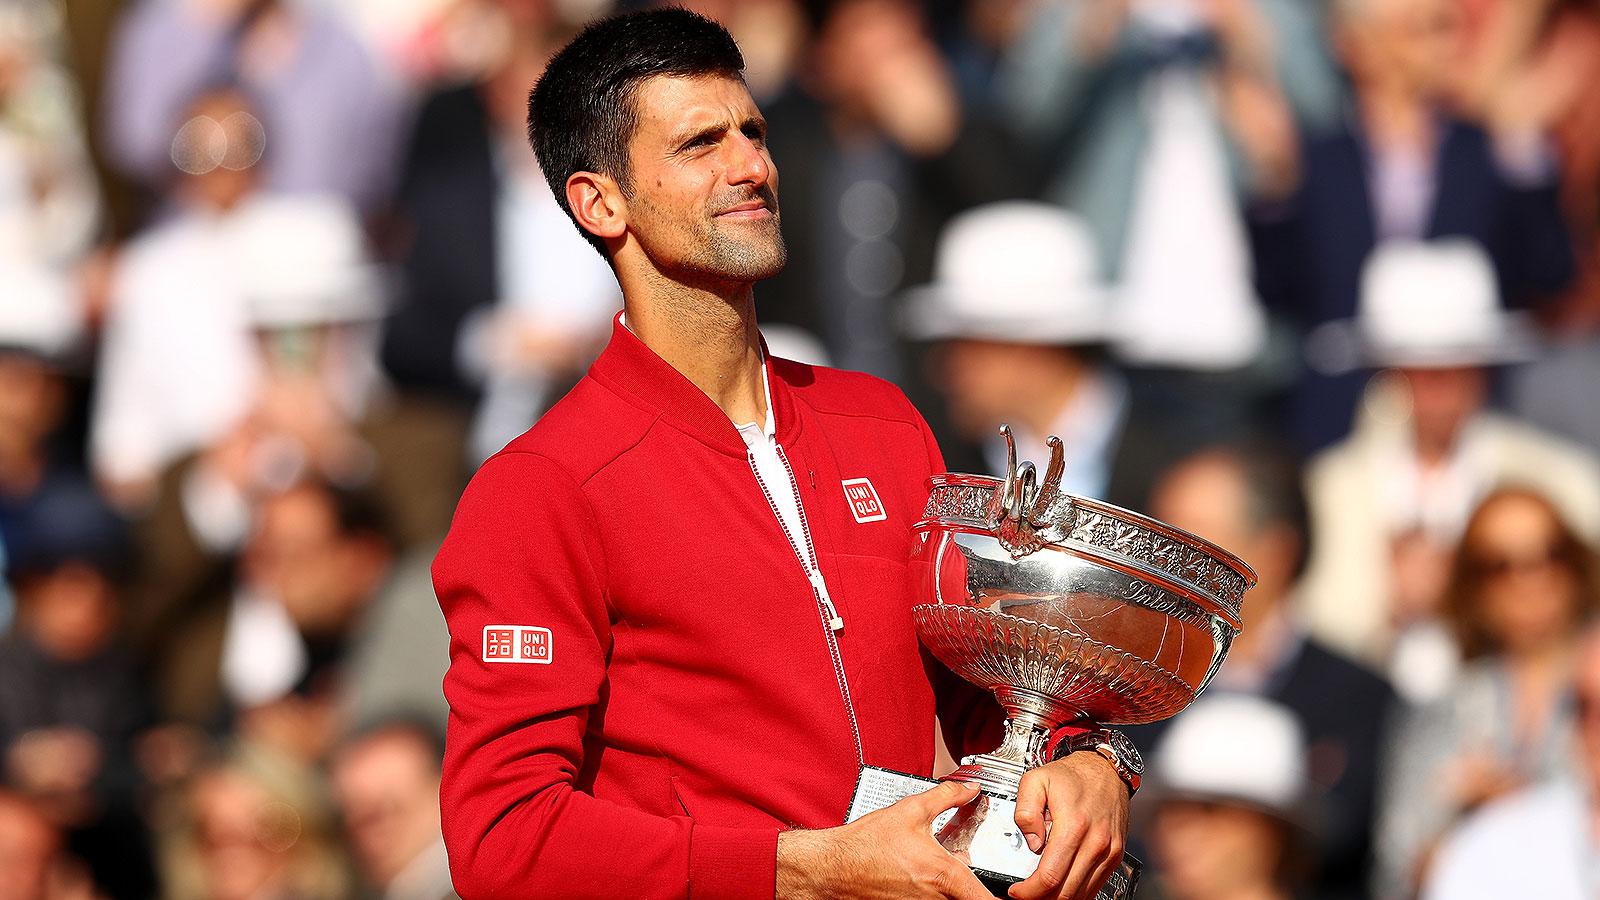 060516_Novak_Djokovic_PI2